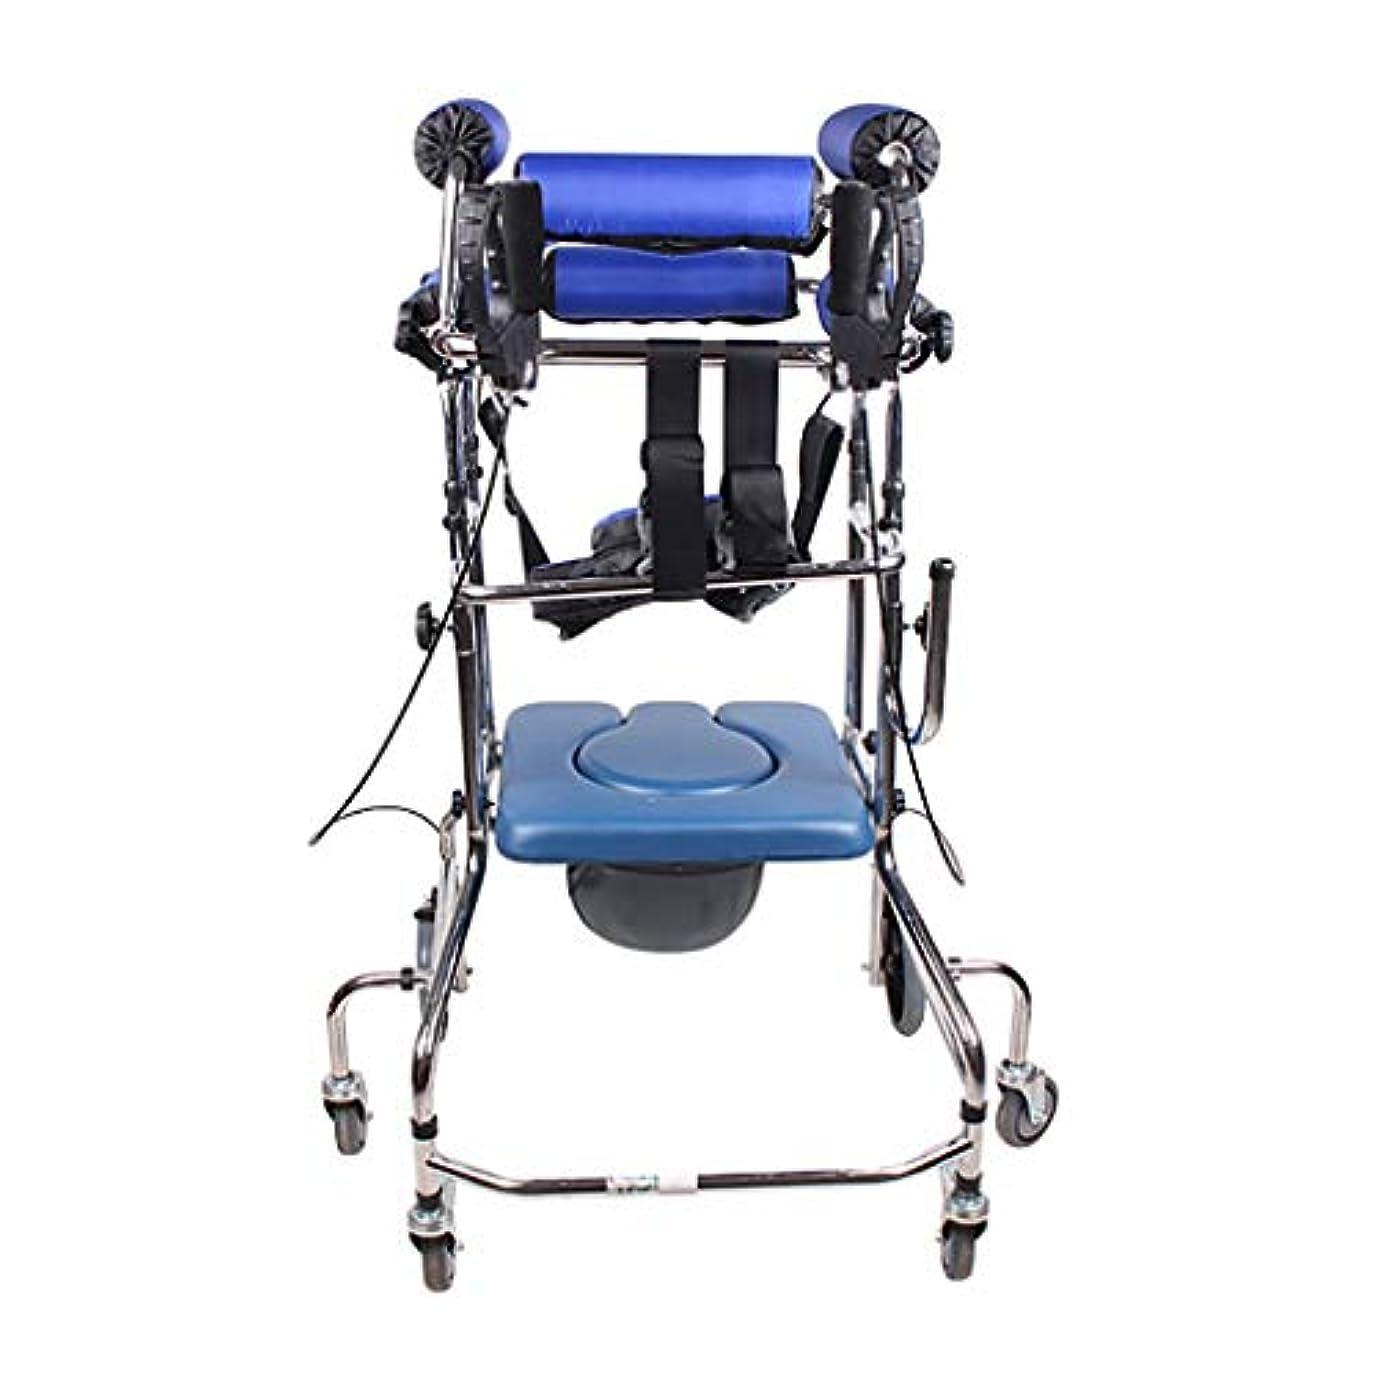 マントルカテゴリーテロリストスタンディングウォーキングラック/ウォーカー/身体障害者用手すり車椅子立ちベッド青6ラウンドハンドブレーキプラスフットブレーキトイレに追加